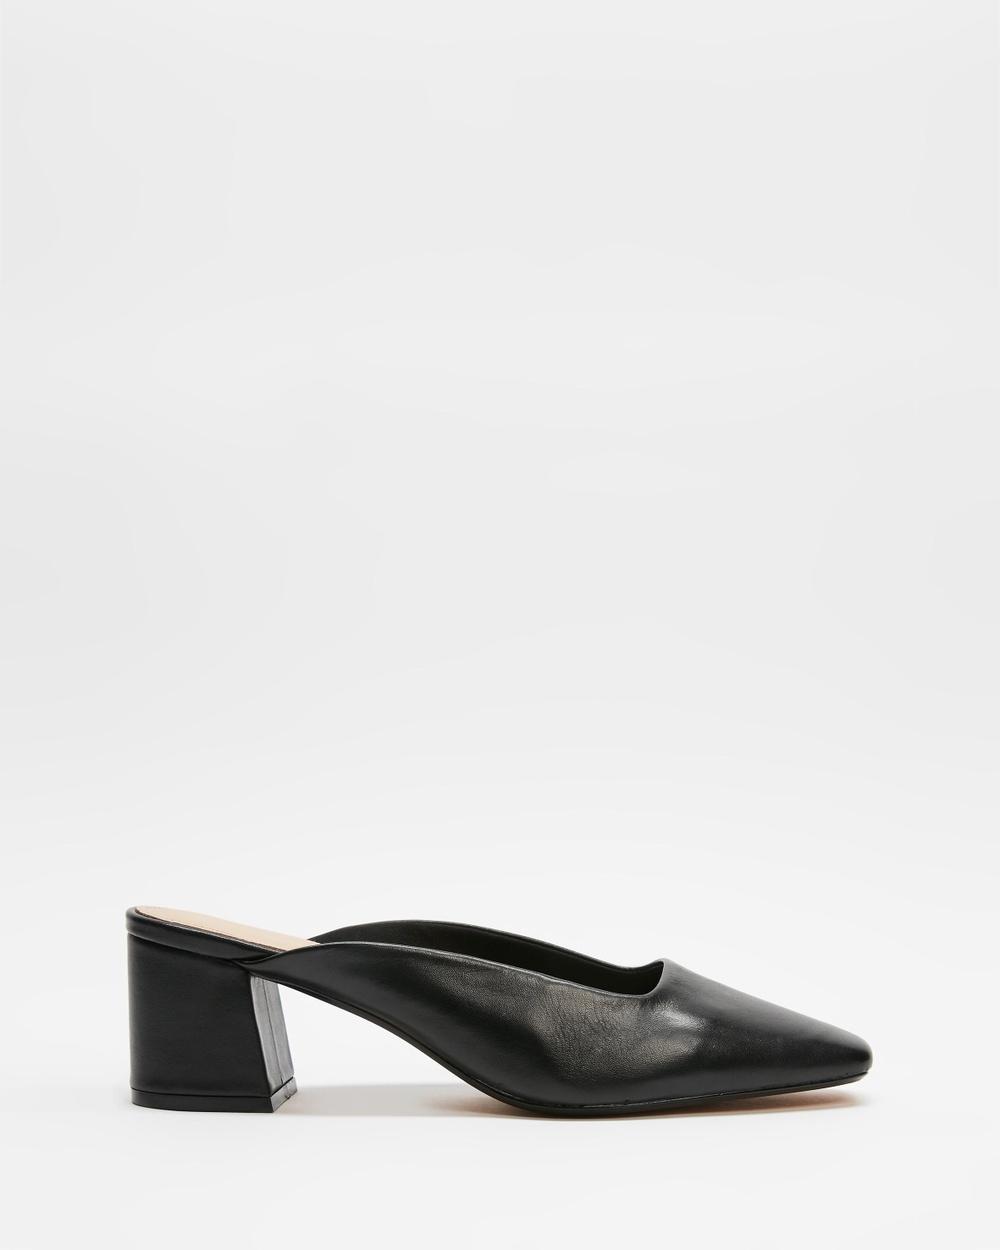 ALDO Brerwen Mid-low heels Black